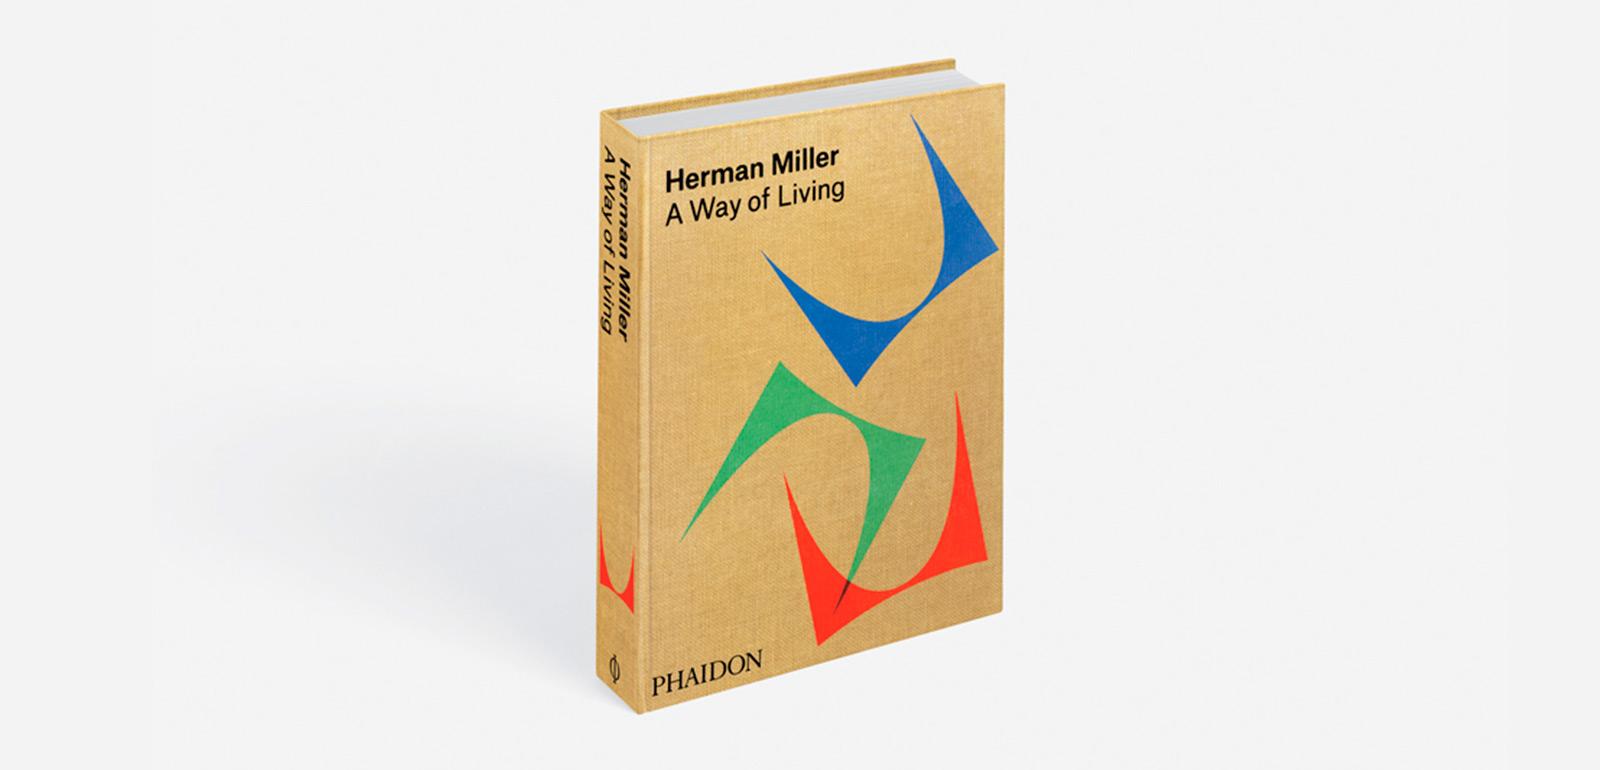 Herman Miller: A Way of Living' by Auscherman, Grawe, & Ransmeier